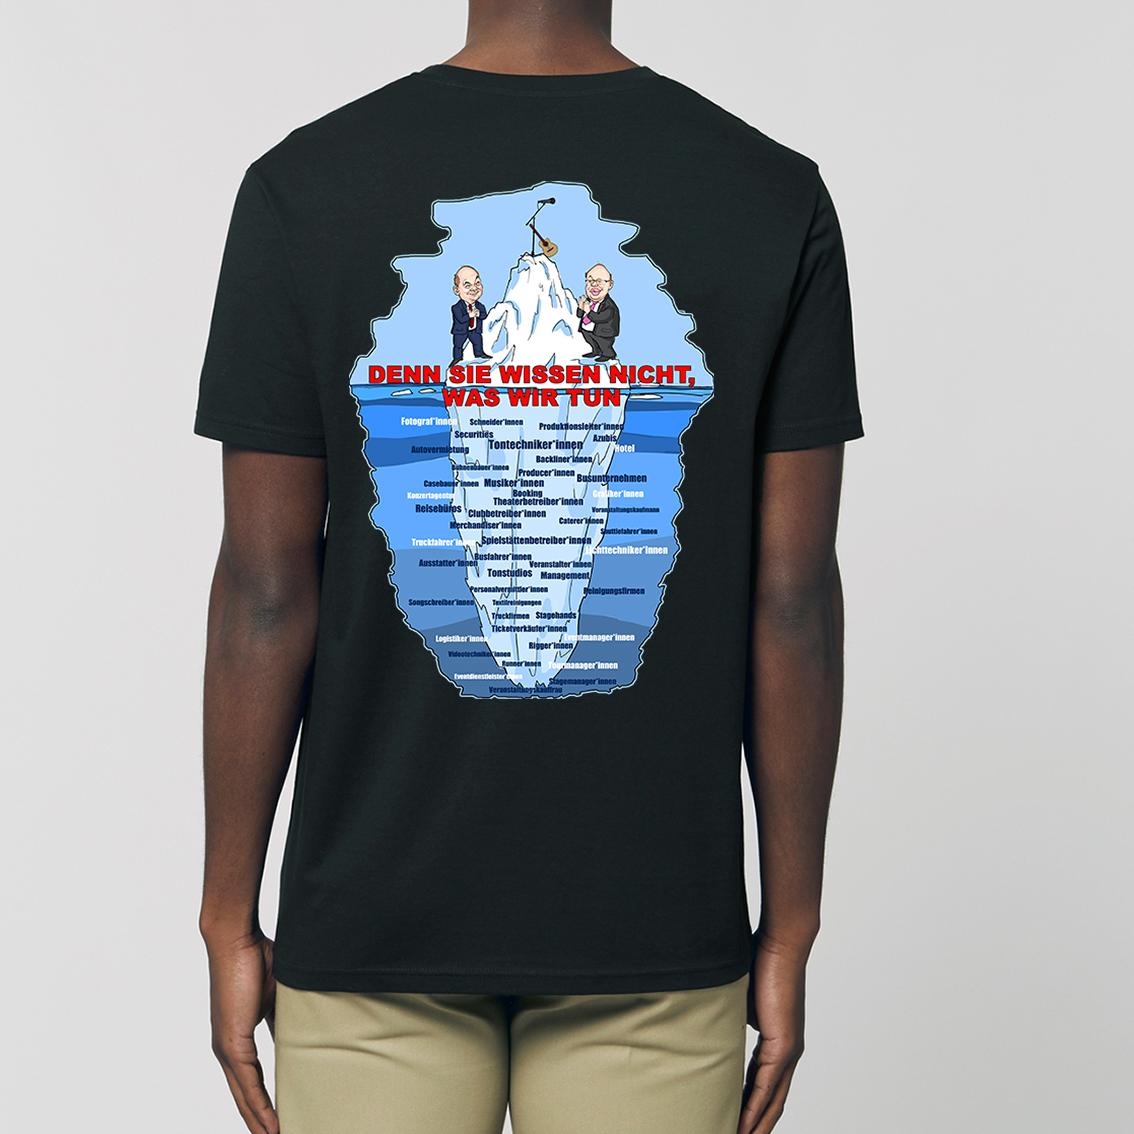 Tourhafen Crewshirt 2020/21 Untailliertes Shirt Schwarz